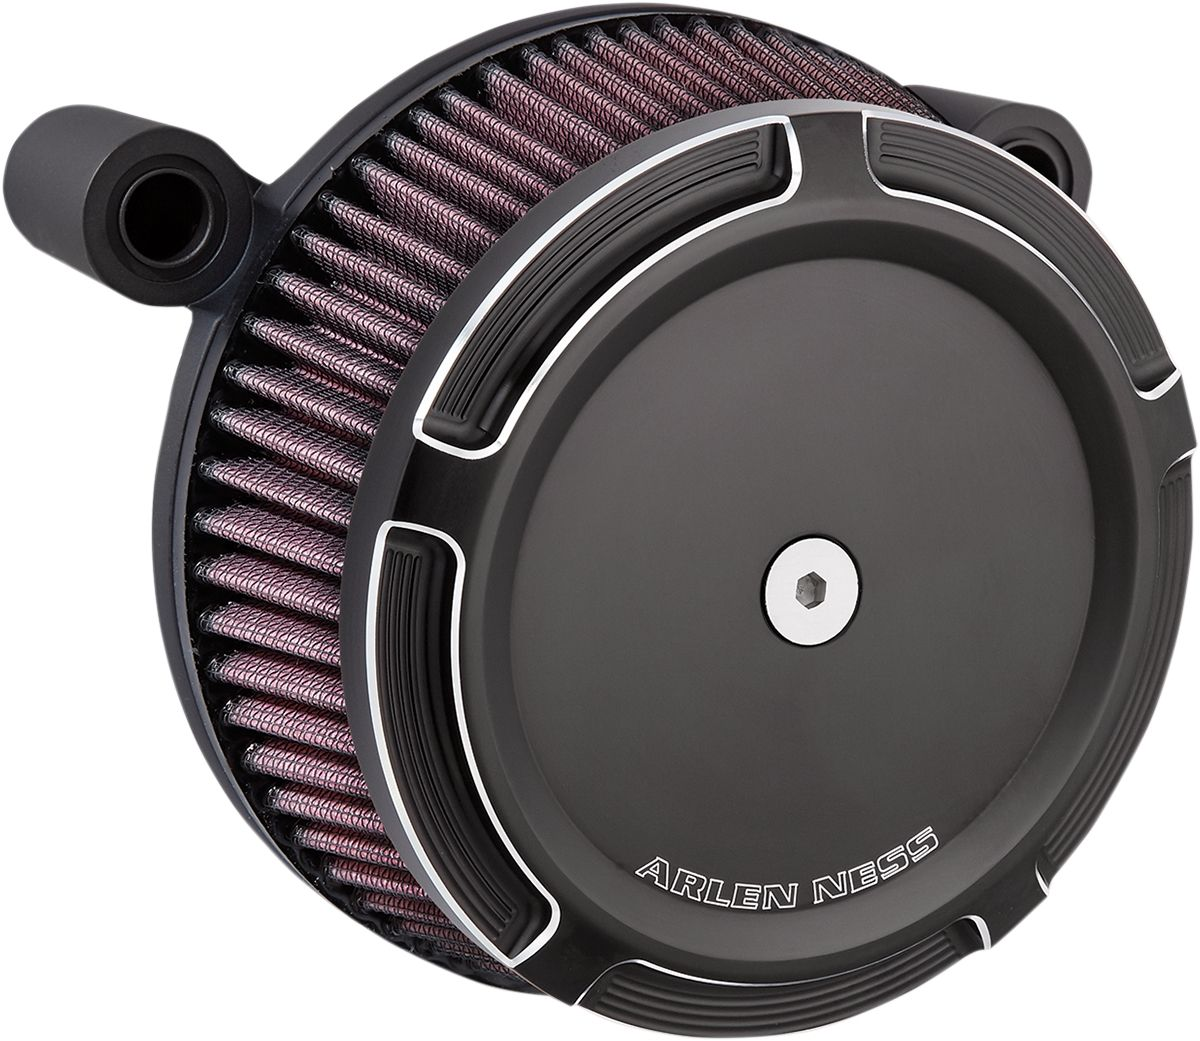 【ARLEN NESS】空氣濾清器 SYNSTG1 BEV BLK M [1010-2073] - 「Webike-摩托百貨」